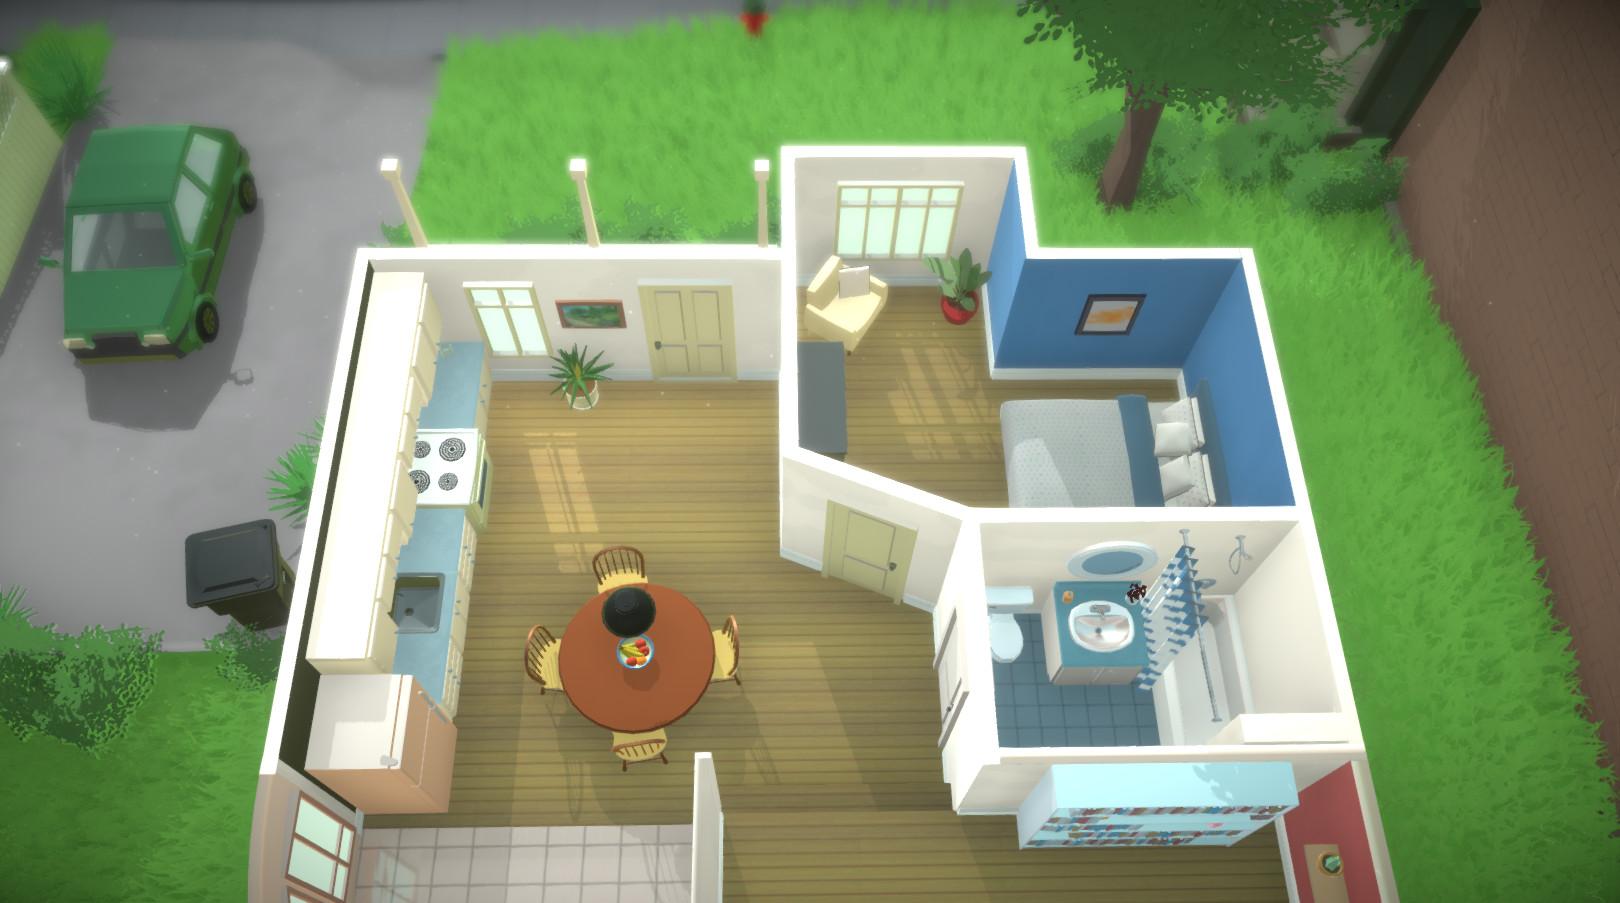 Paralives The Sims da lehen lehiakide serioa urte askotan.  Jokoan zentimetrorainoko etxea sortuko duzu